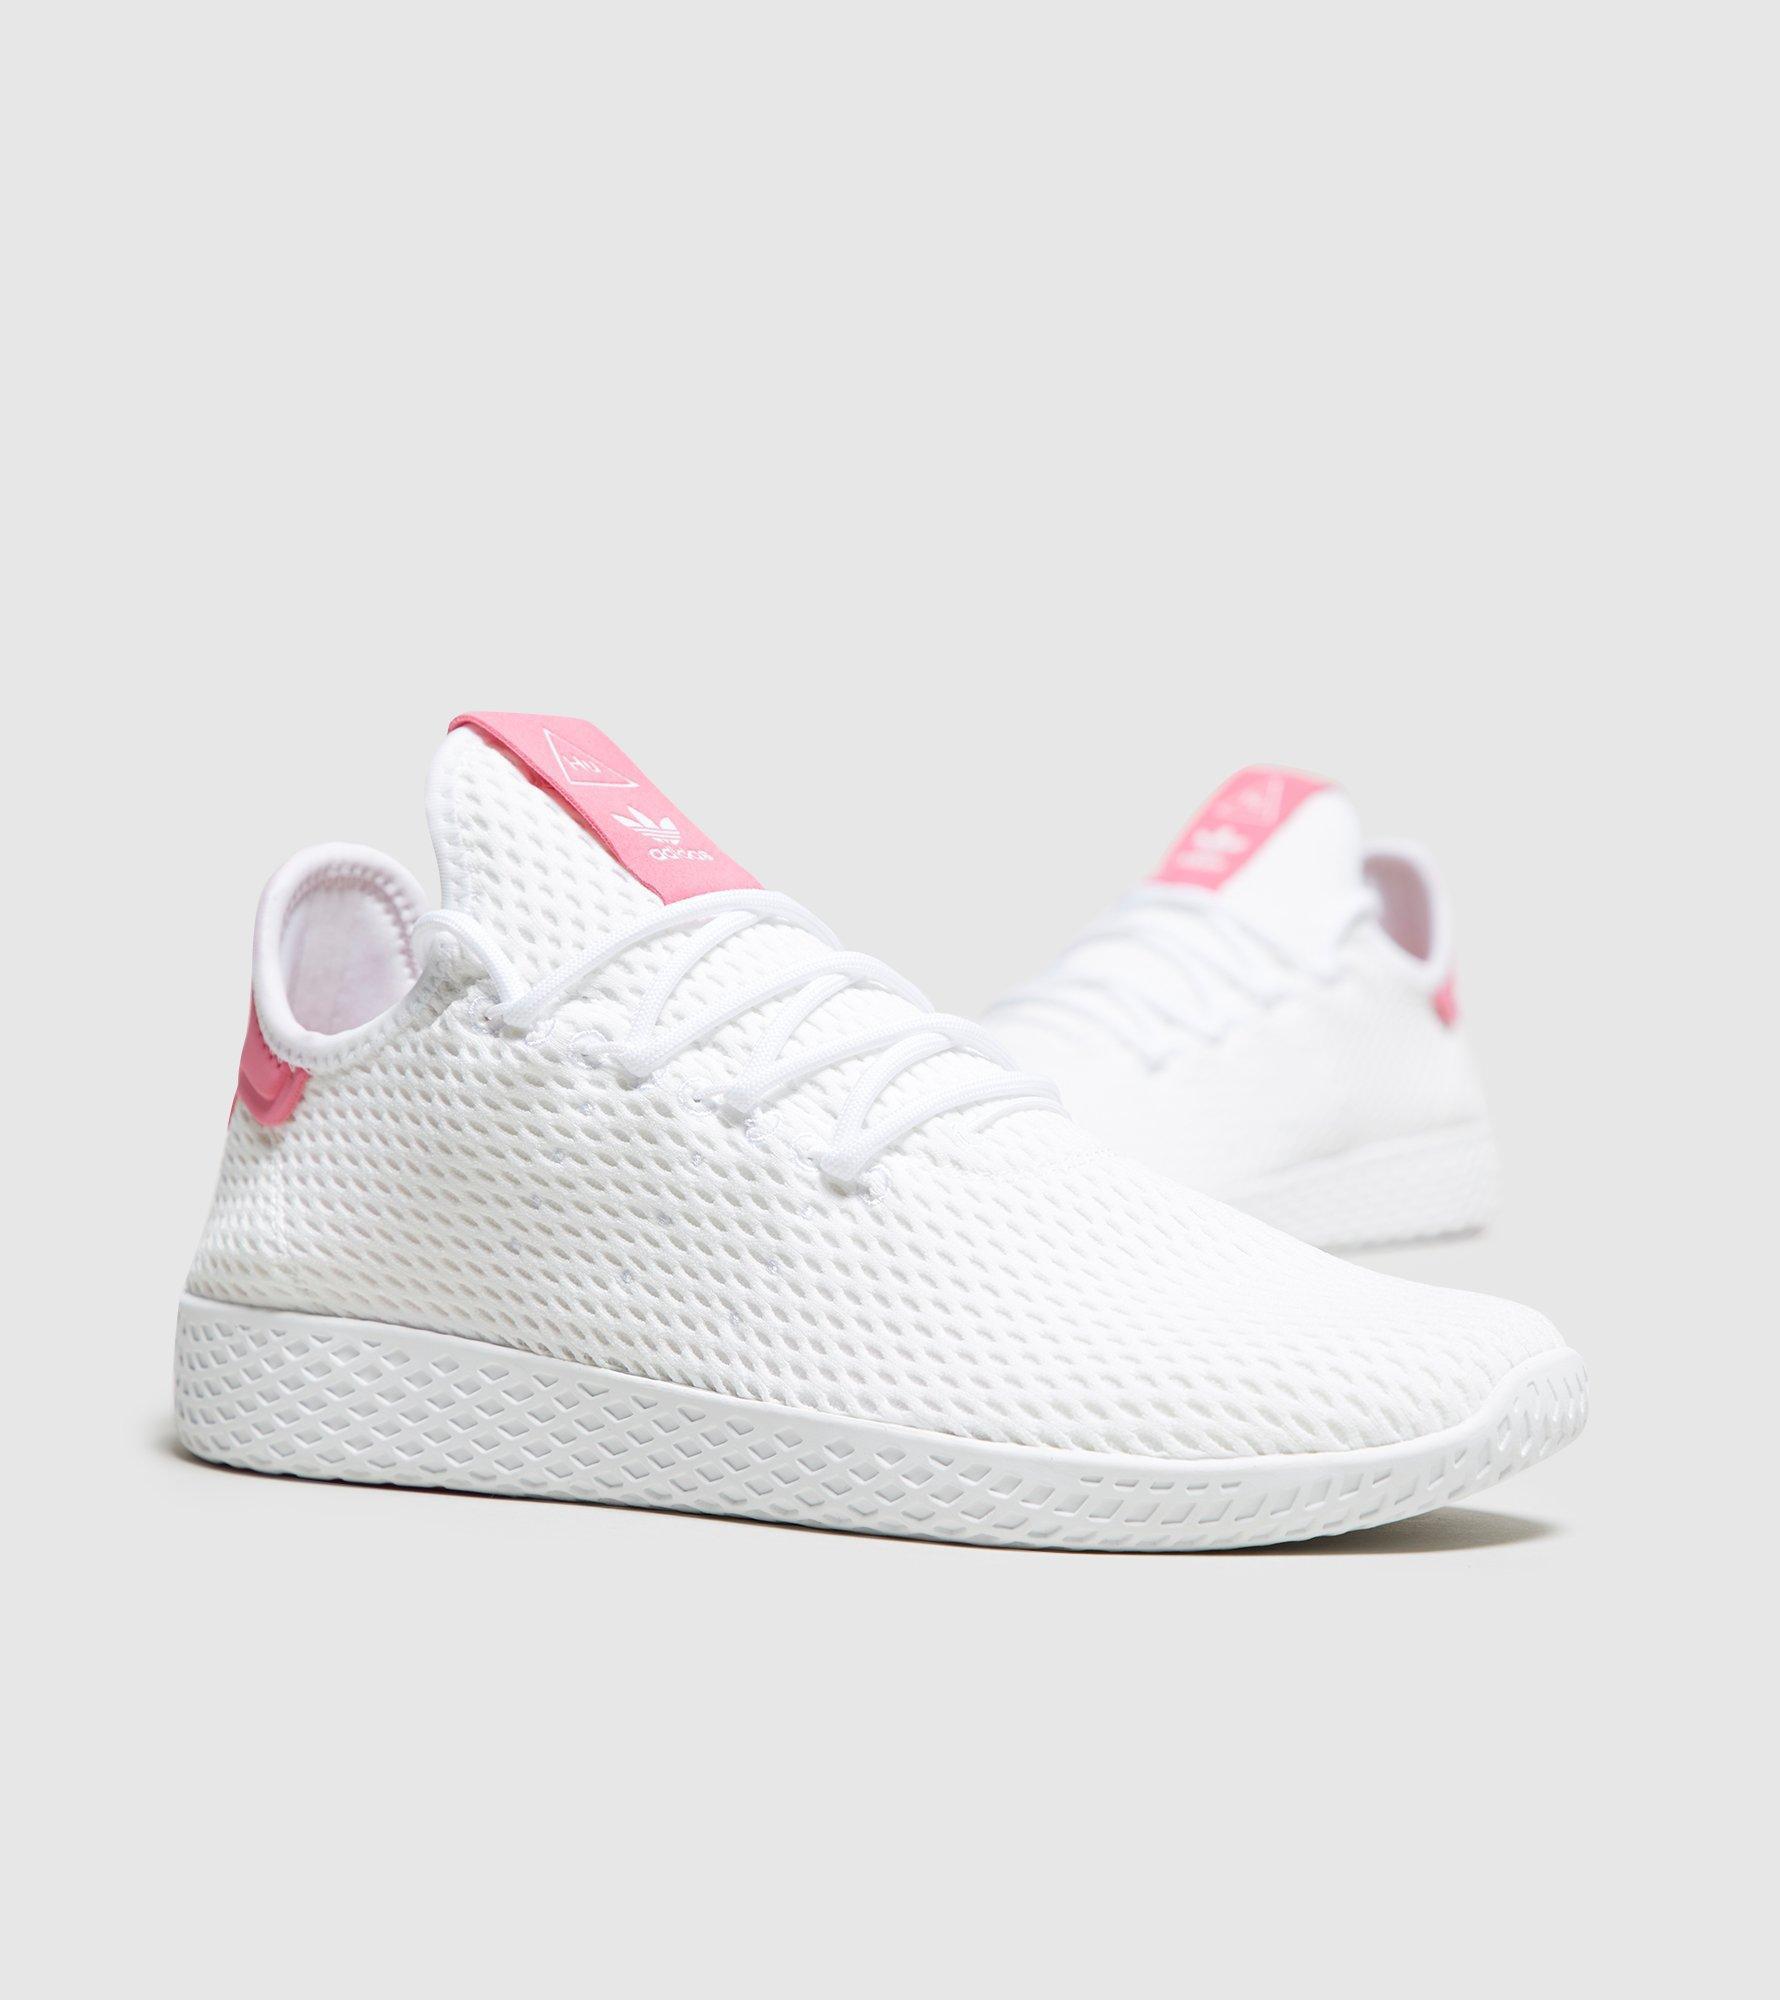 9e5f36e12f Adidas Originals White Pharrell Williams Tennis Hu